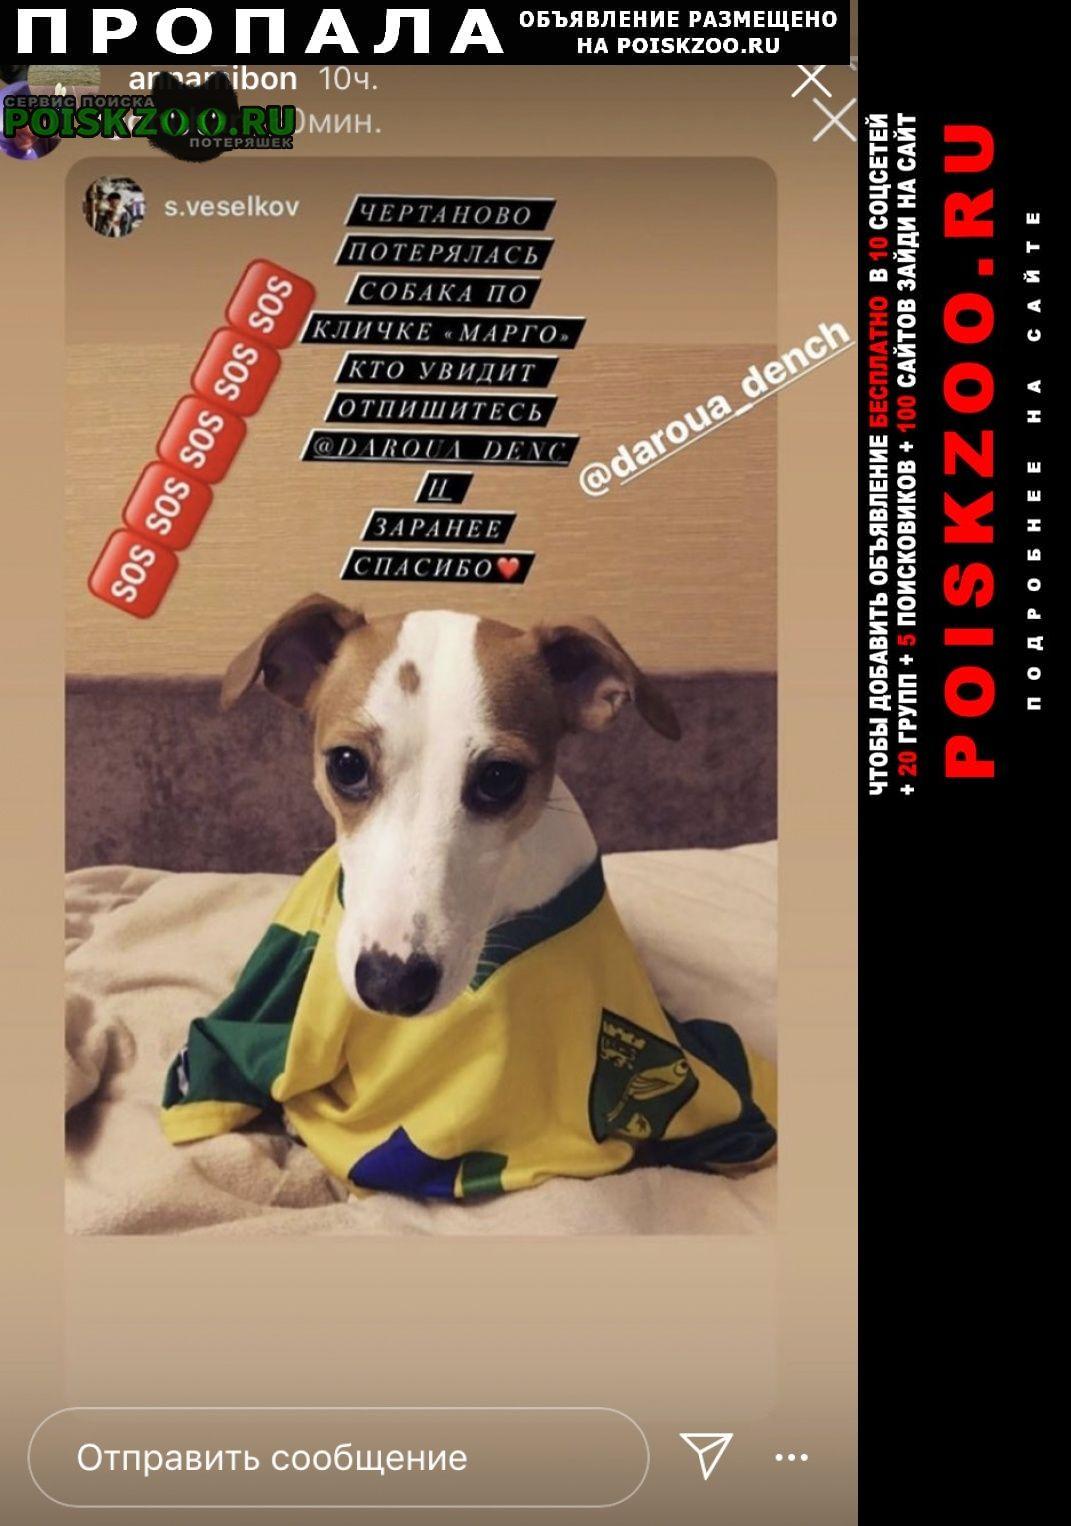 Пропала собака джек рассел Москва